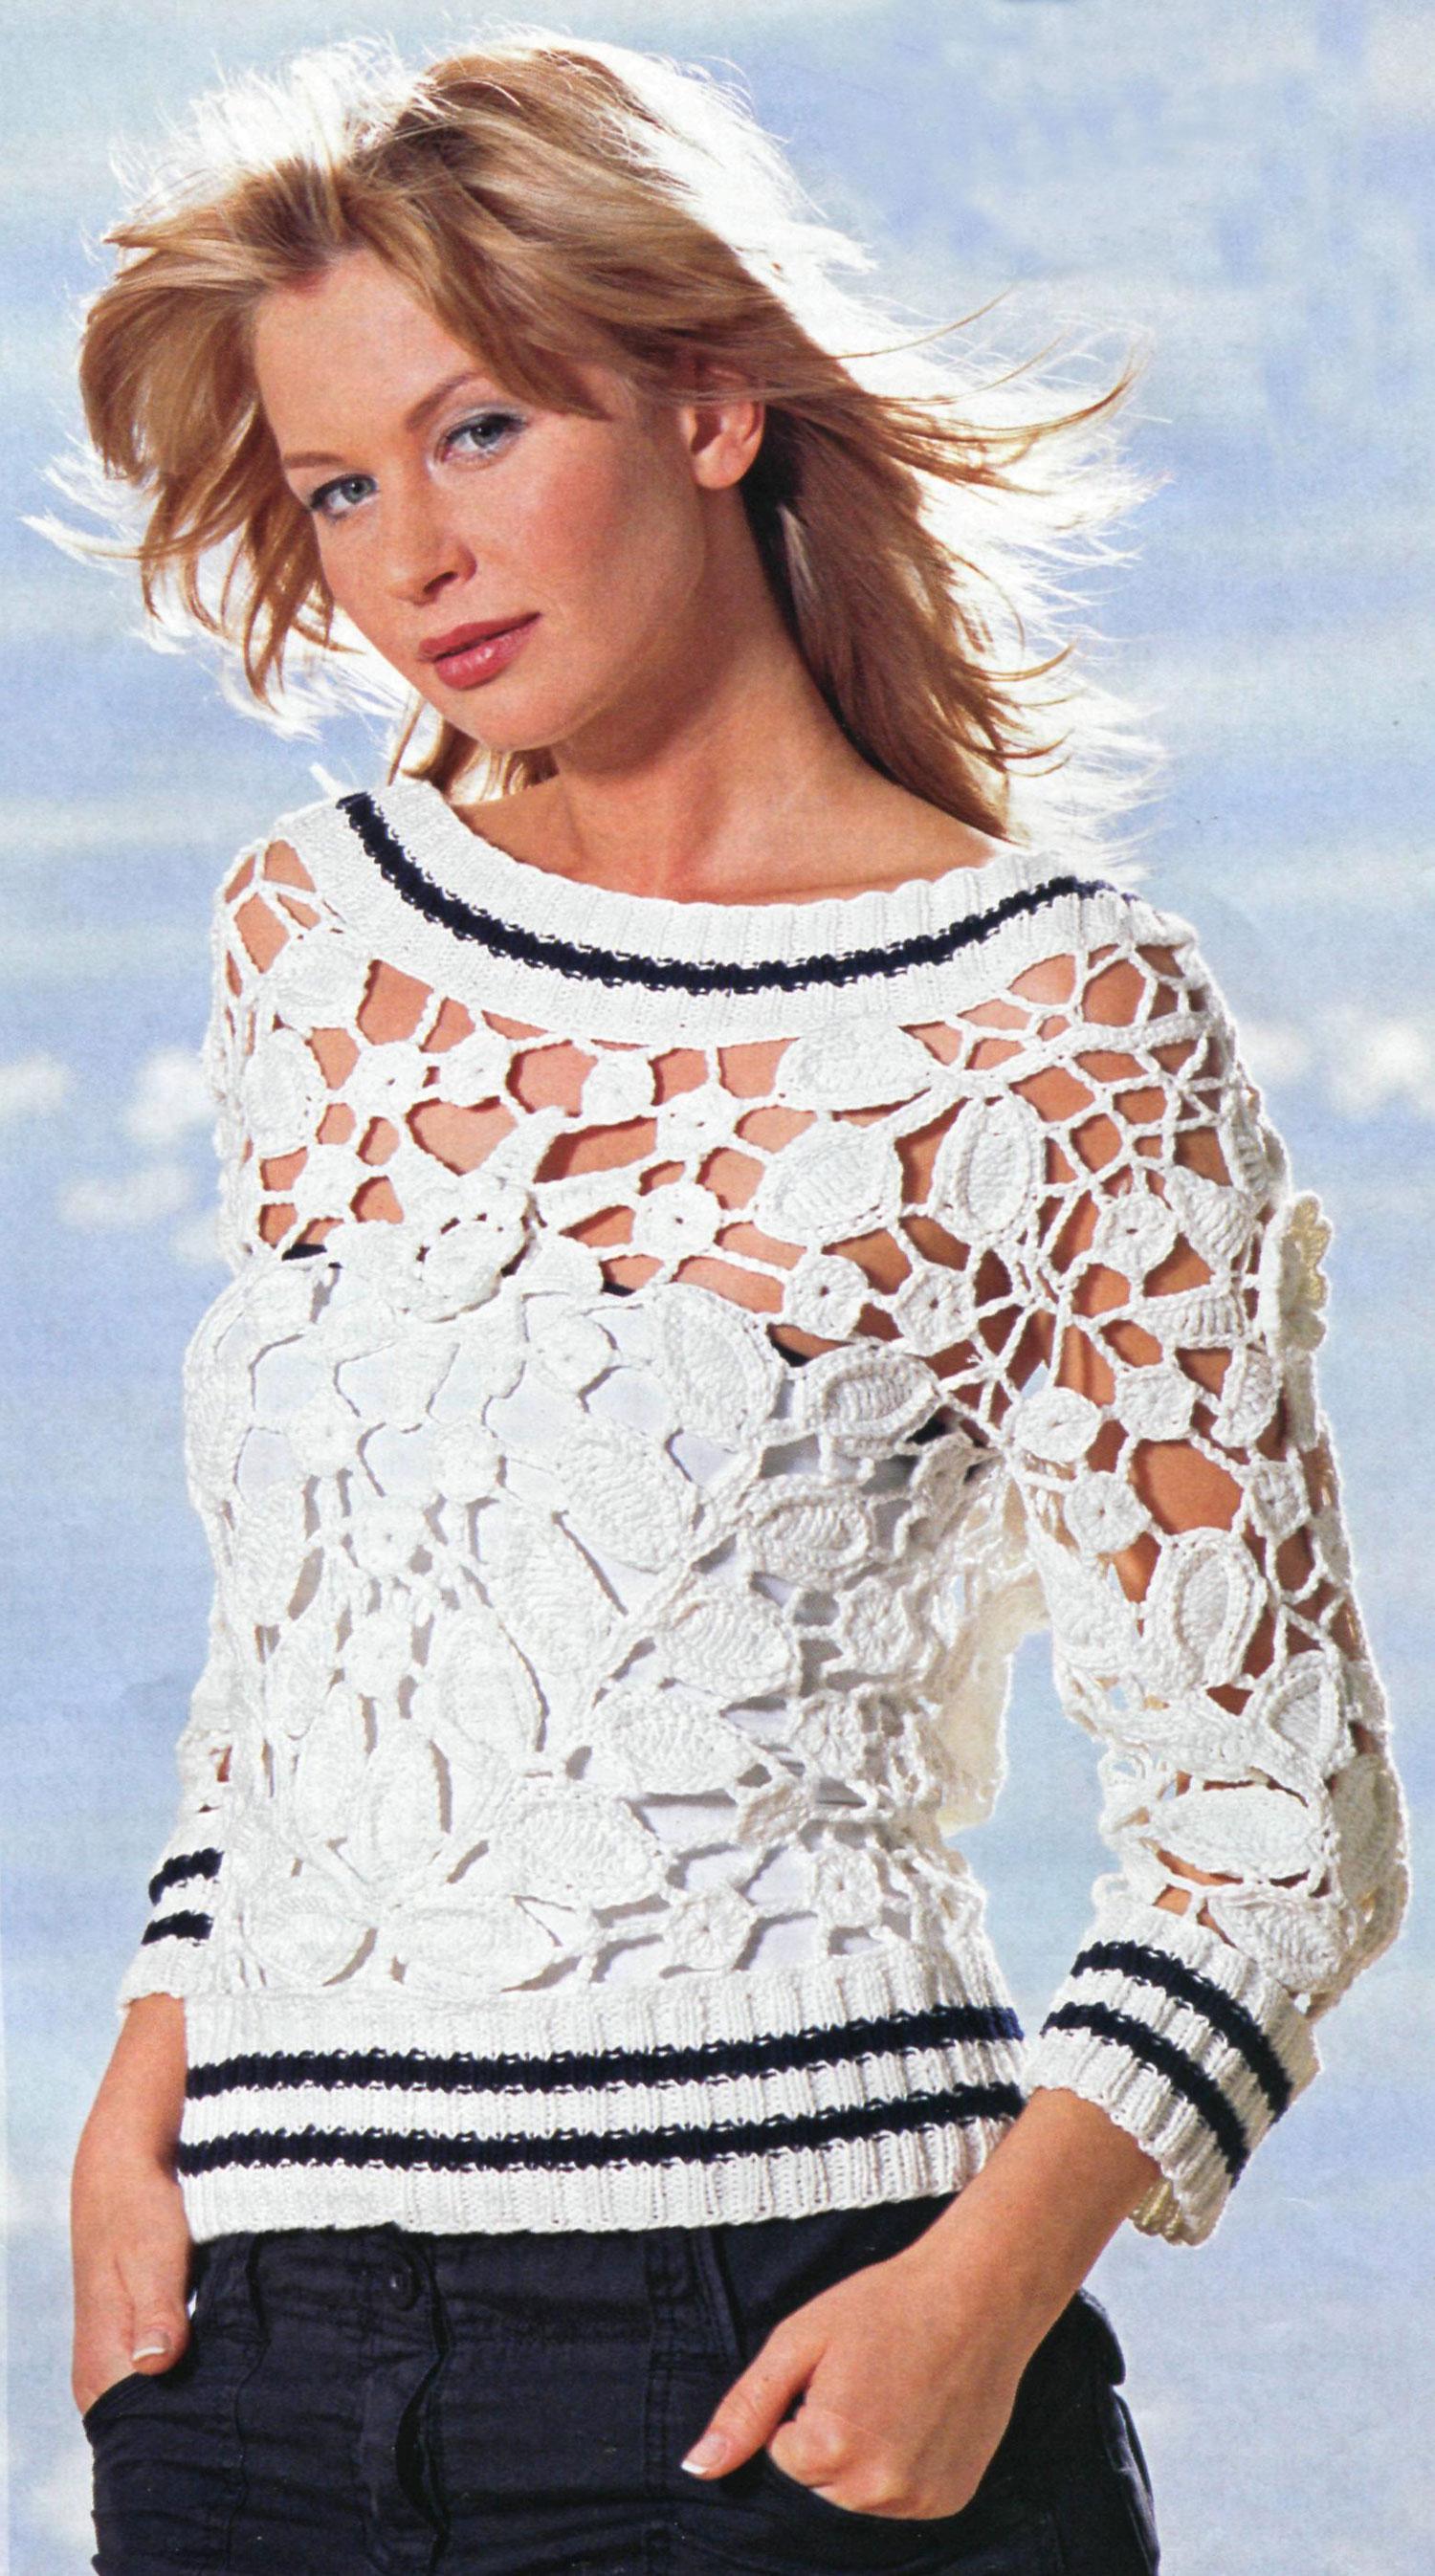 yakası kolları ve etekleri çizgili lastik modelli örgü bluz örnekleri